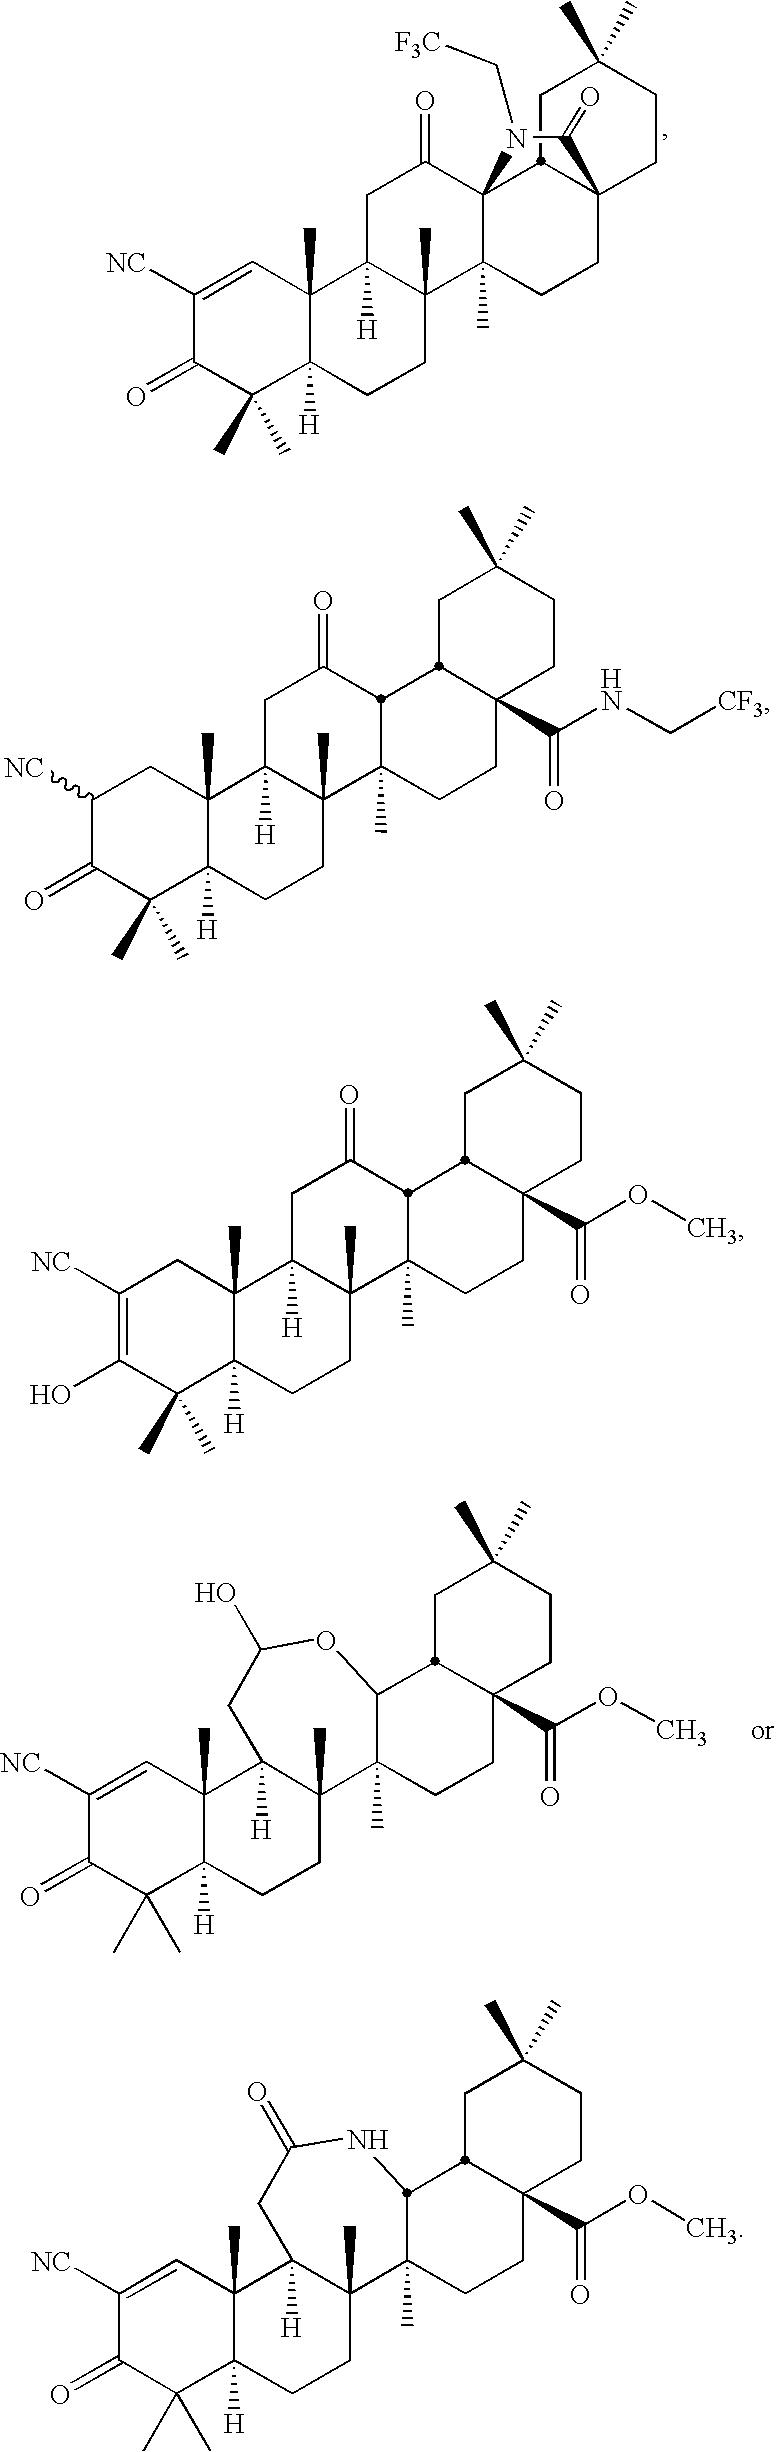 Figure US20100056777A1-20100304-C00084